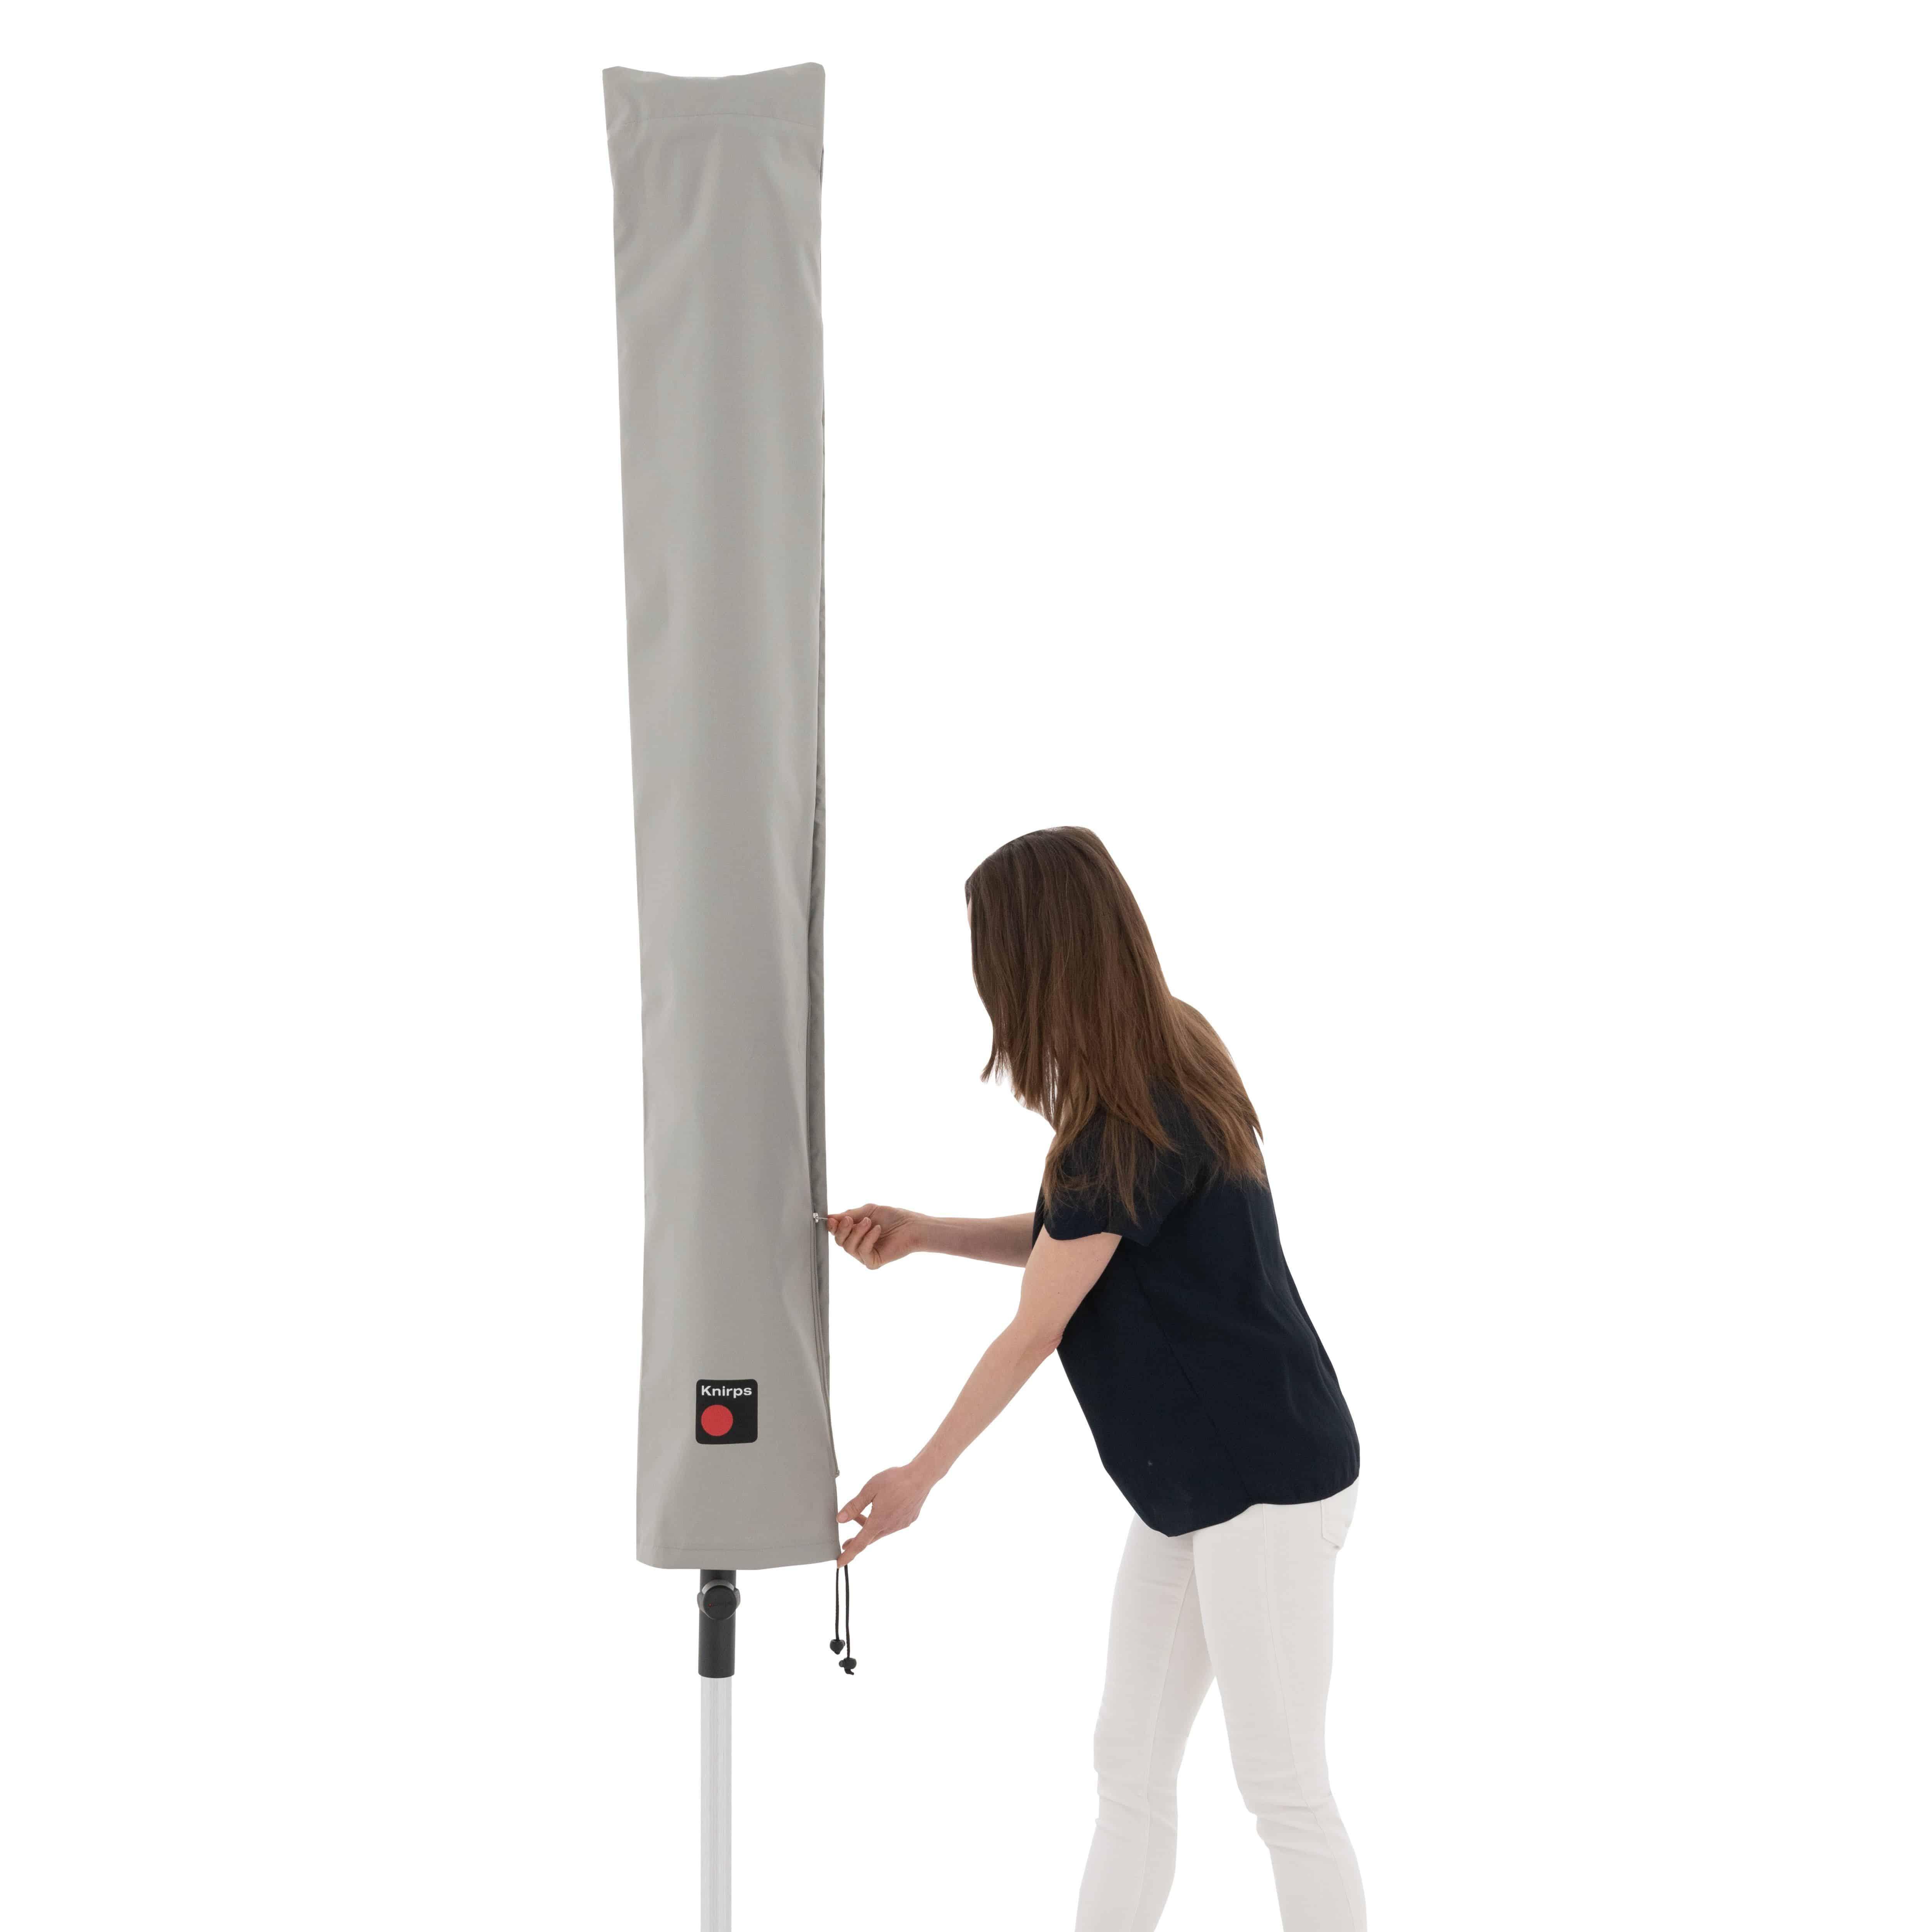 Knirps Mittelmastschirm Schirmhülle KNIRPS aus hochwertigem Polyester, mit Tragetasche - foto 5